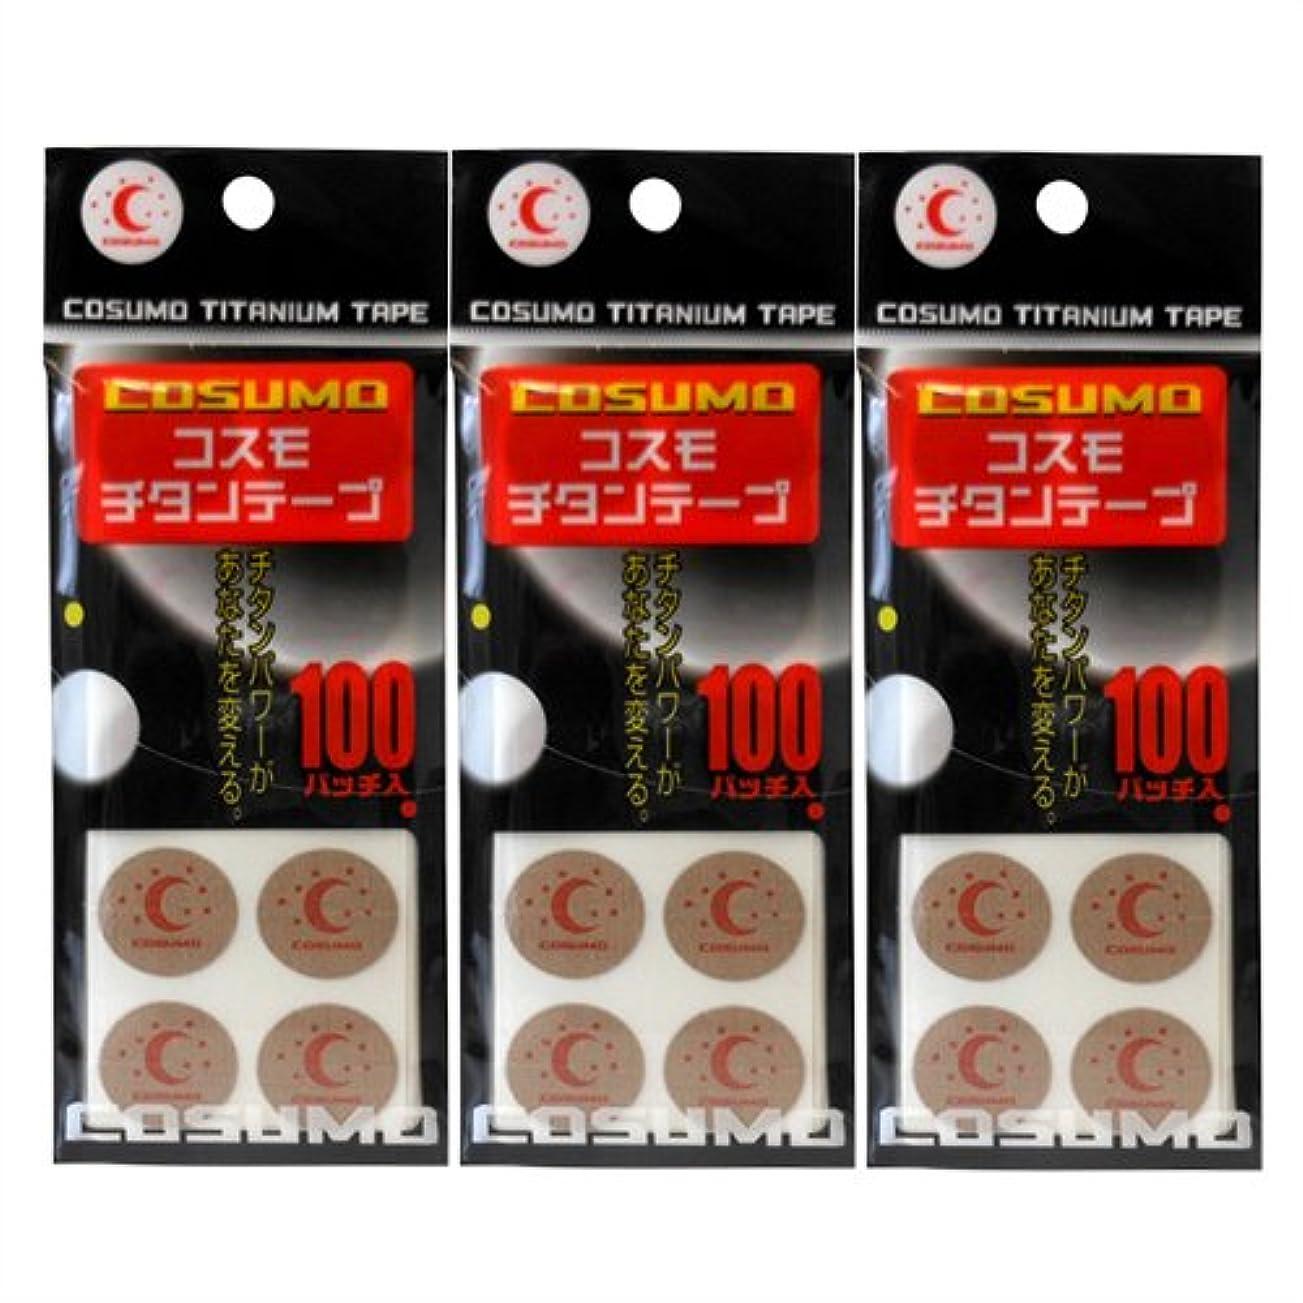 退屈札入れ熱コスモチタンテープ (COSUMO TITANIUM TAPE) 100パッチ入り x3枚(合計300パッチ) セット